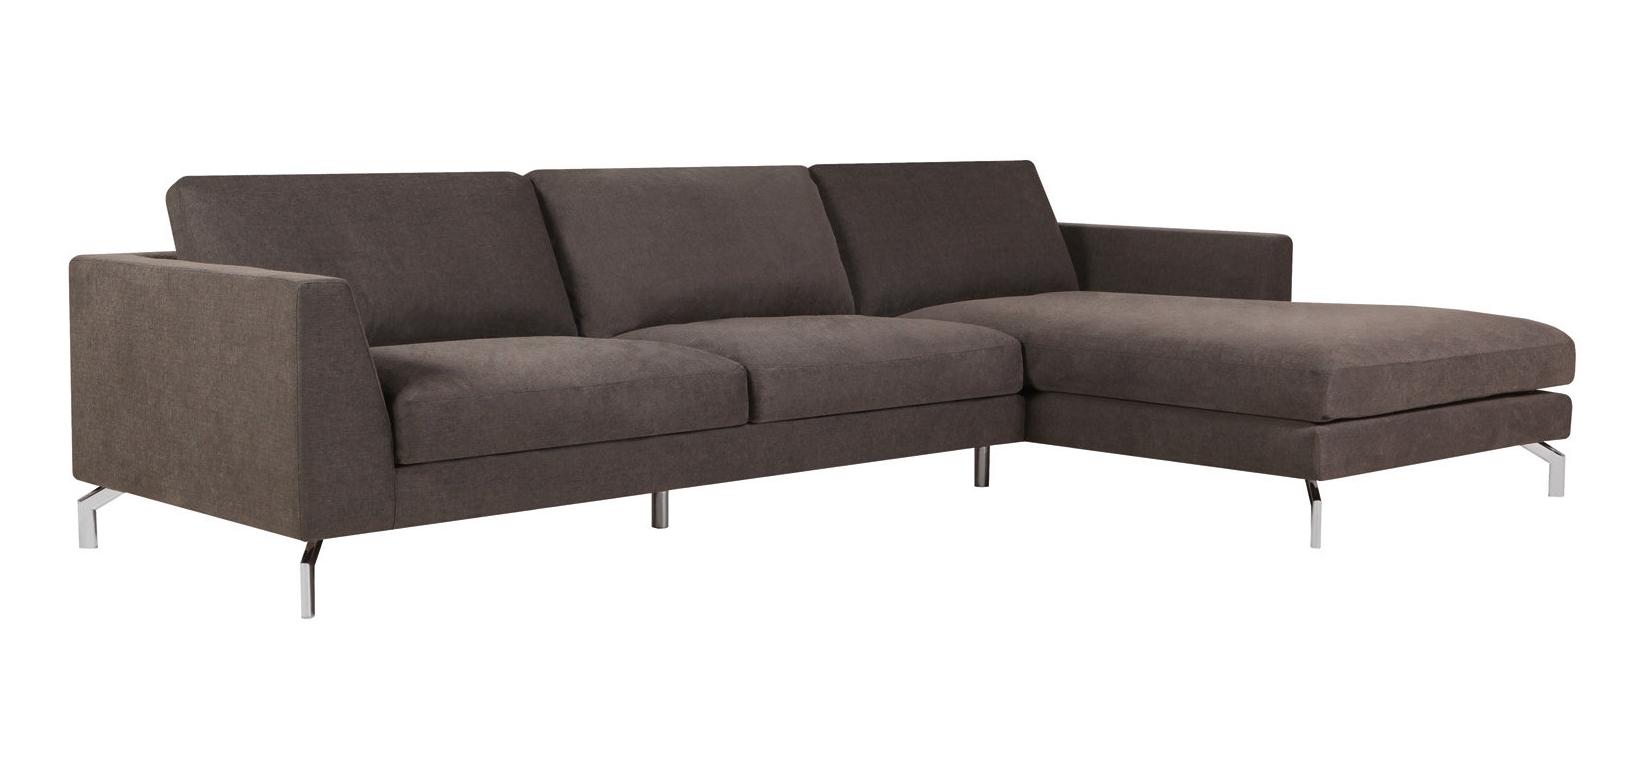 Угловой диван OHIO в LUXURYSOFAS